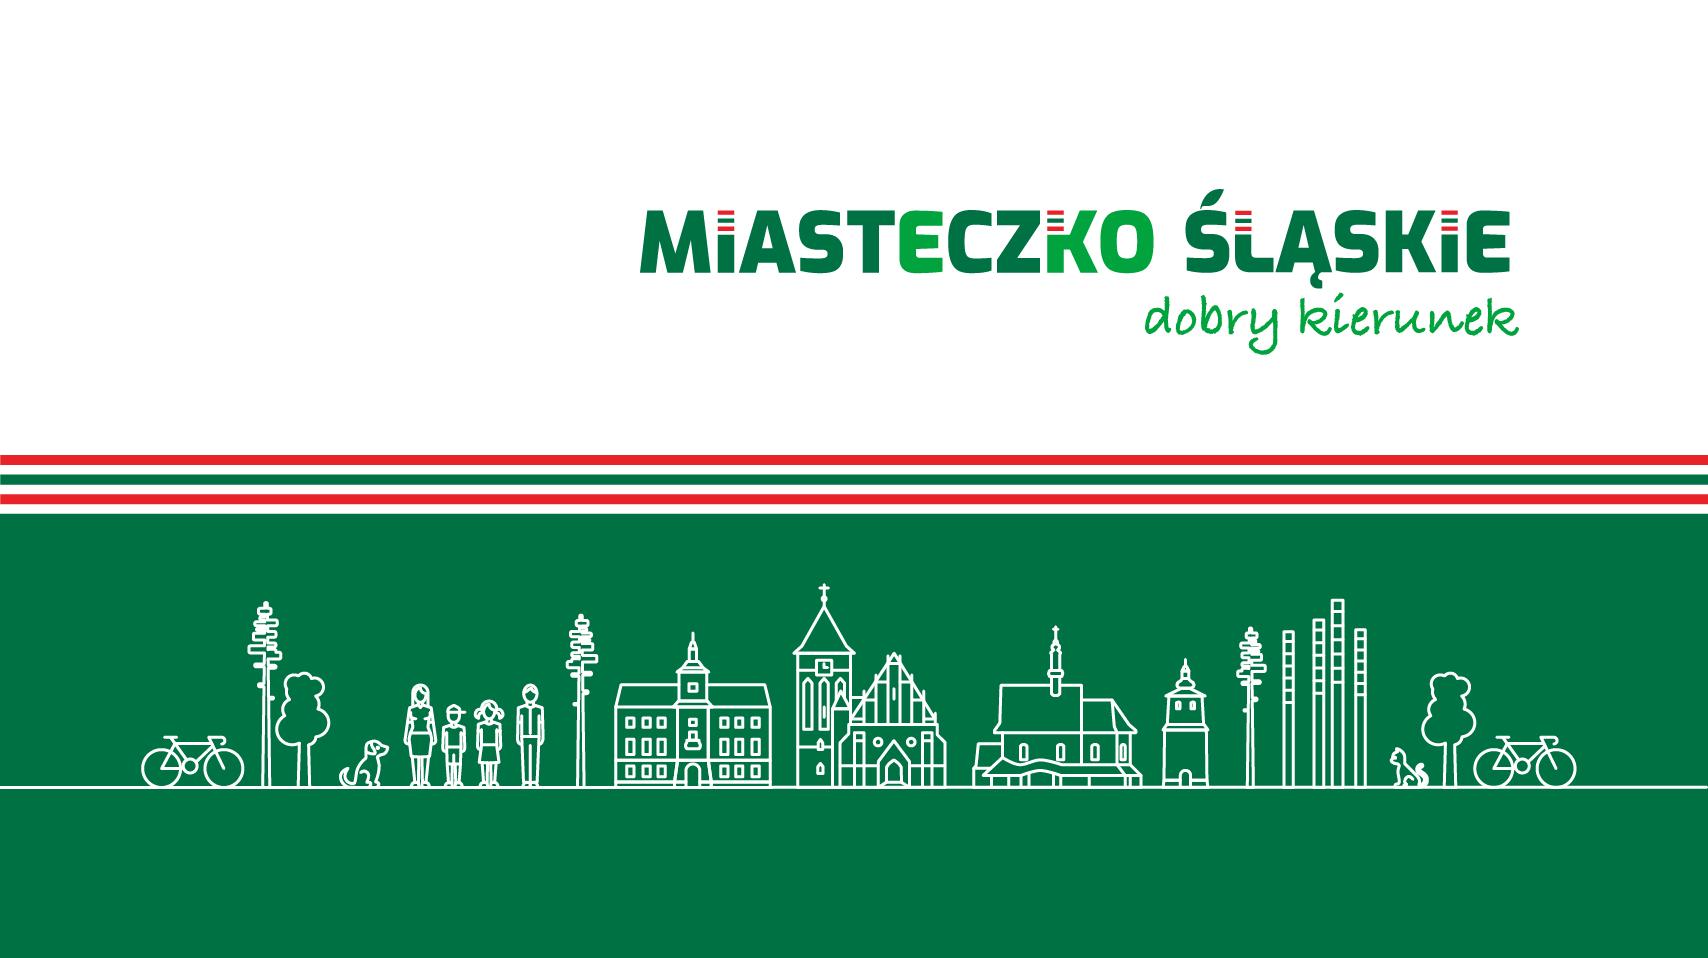 Zarządzenie nr 959/21 Burmistrza Miasta Miasteczko Śląskie